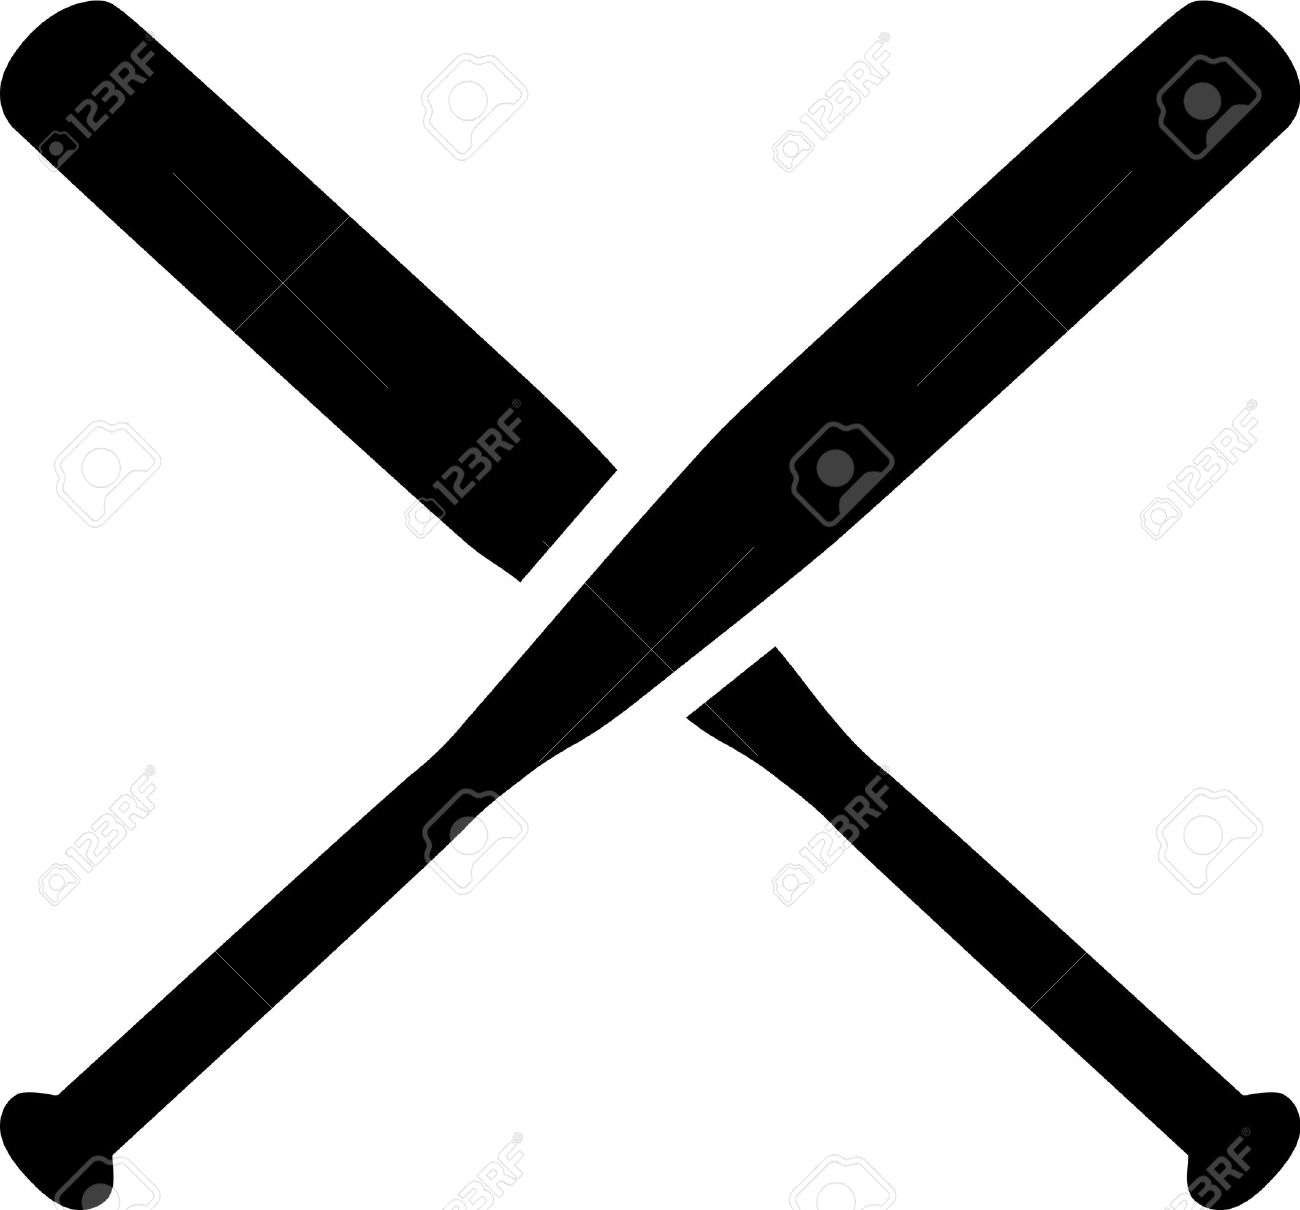 baseball crossed bats royalty free cliparts vectors and stock rh 123rf com Vector Fist Bat Knife Bat Clip Art